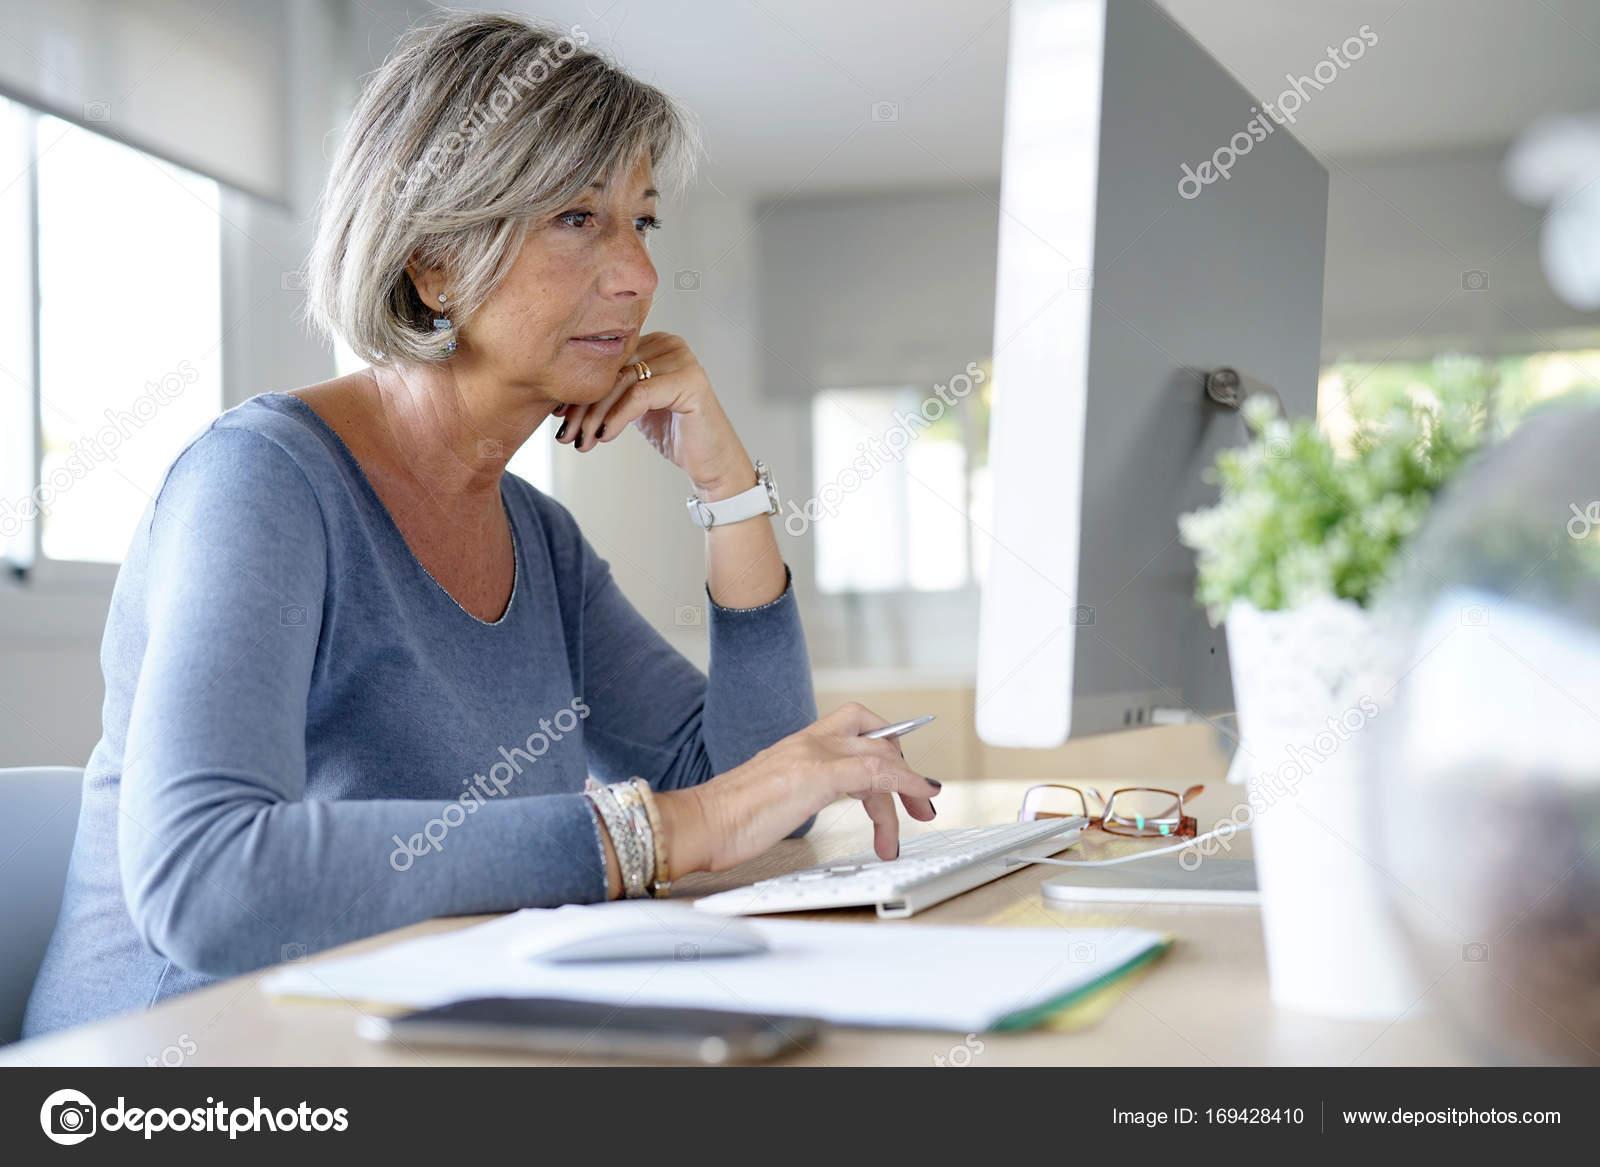 femme travaillant au bureau photographie goodluz 169428410. Black Bedroom Furniture Sets. Home Design Ideas